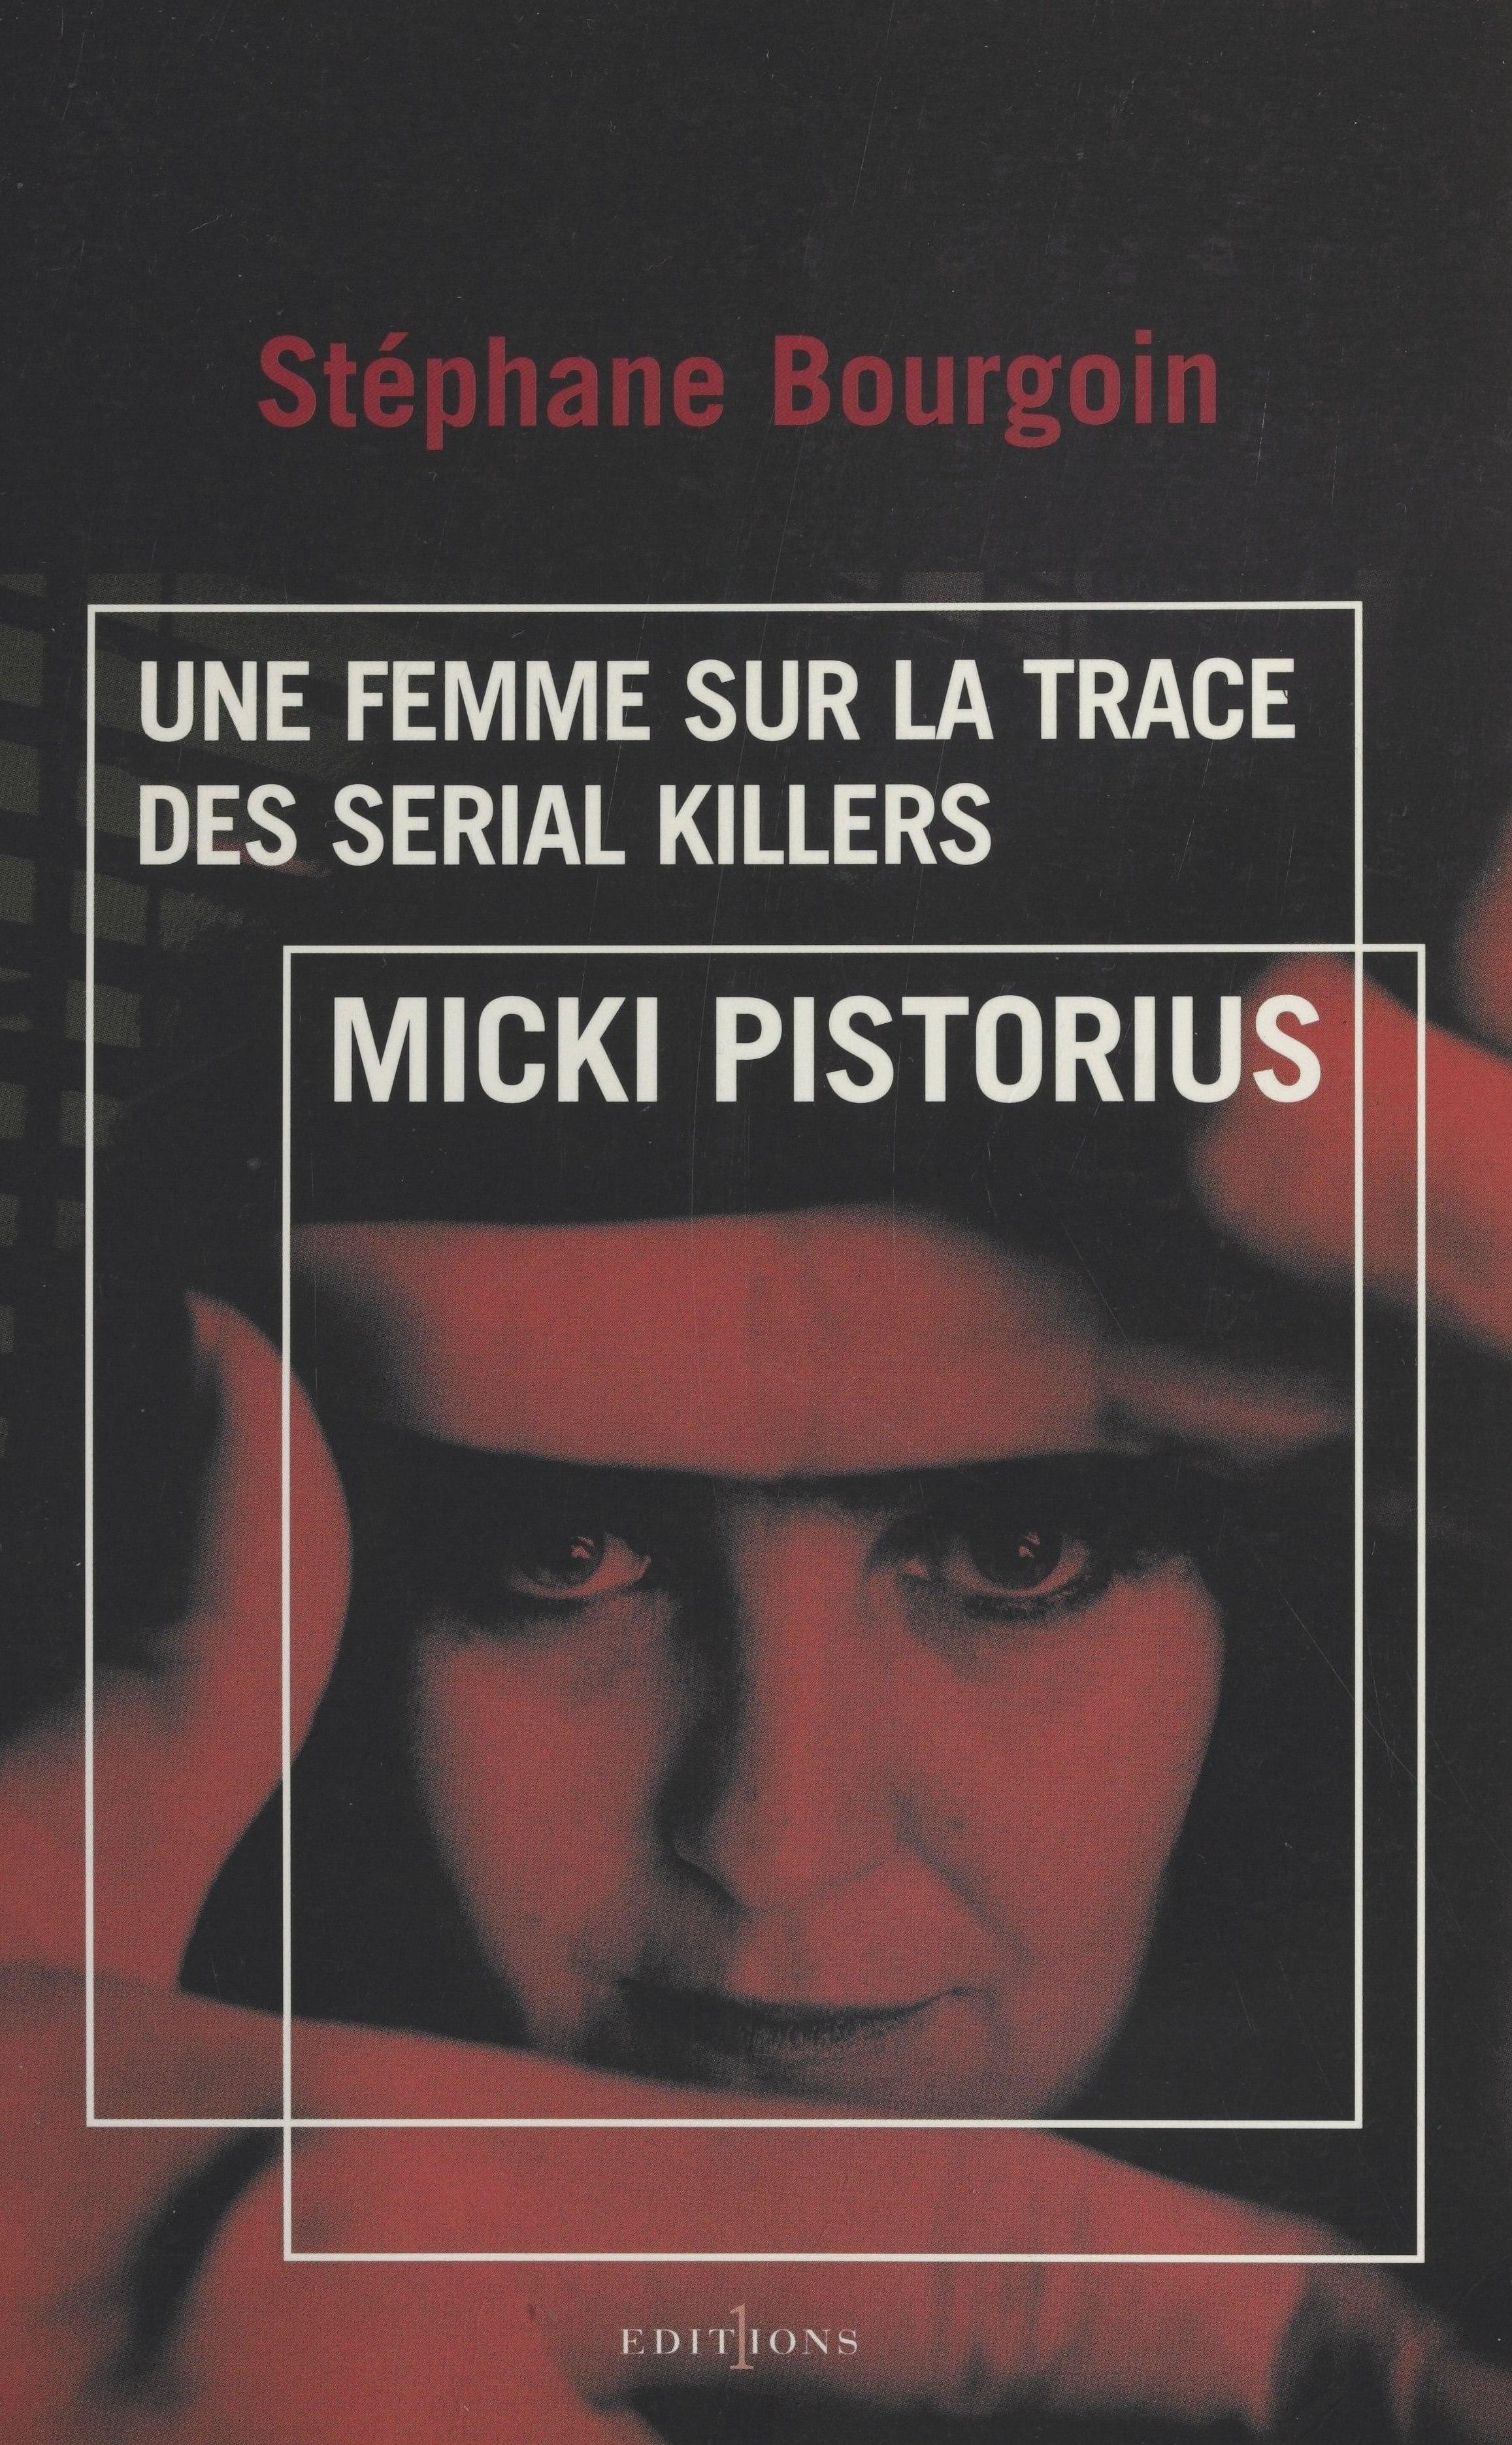 Micki Pistorius, une femme sur la trace des serial killers